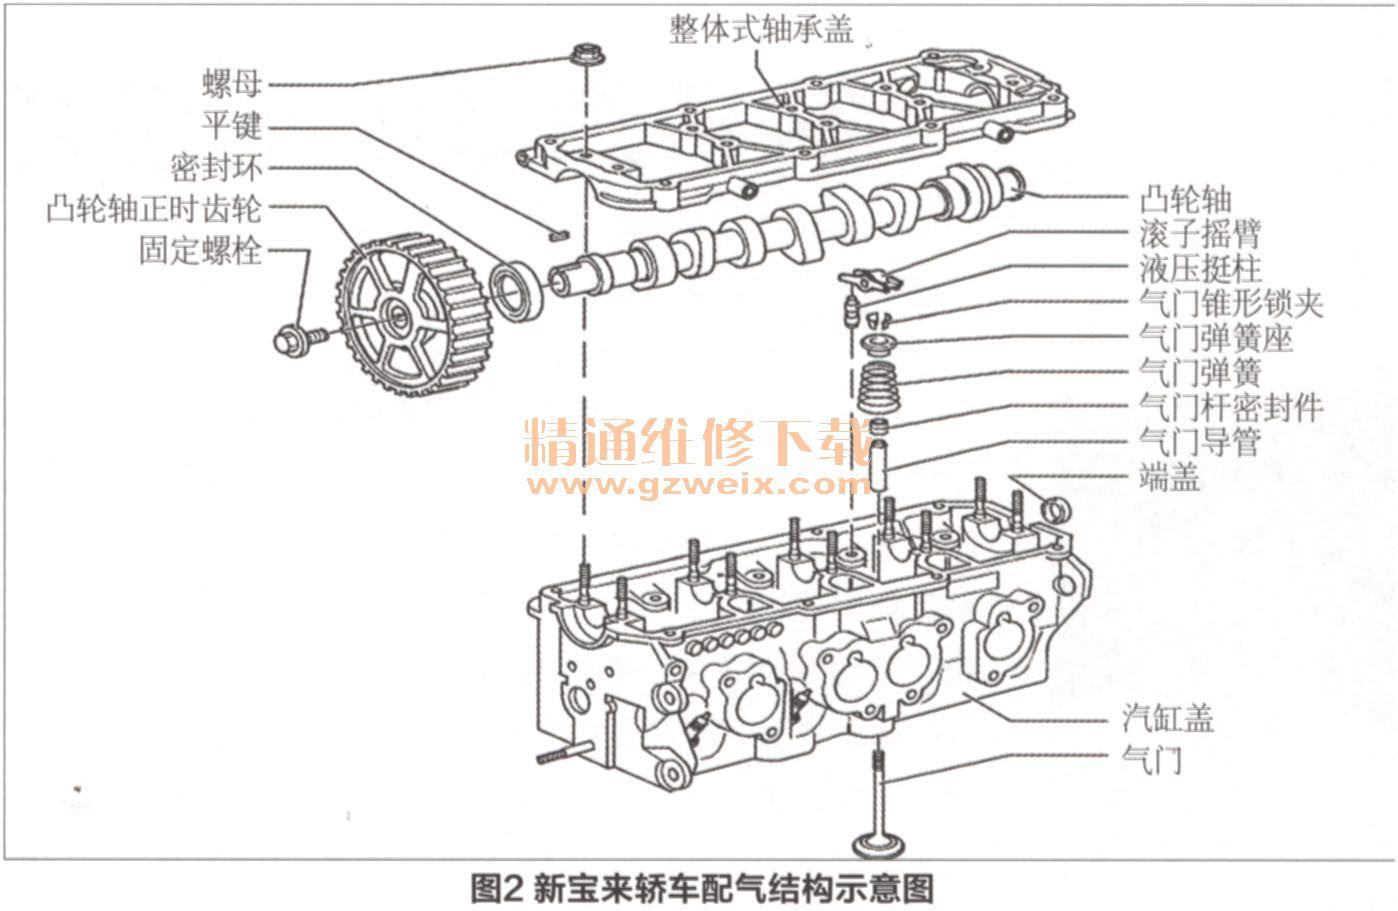 图3)的车辆,由于正时皮带传动阻力减小,这种结构的正时静音皮高清图片